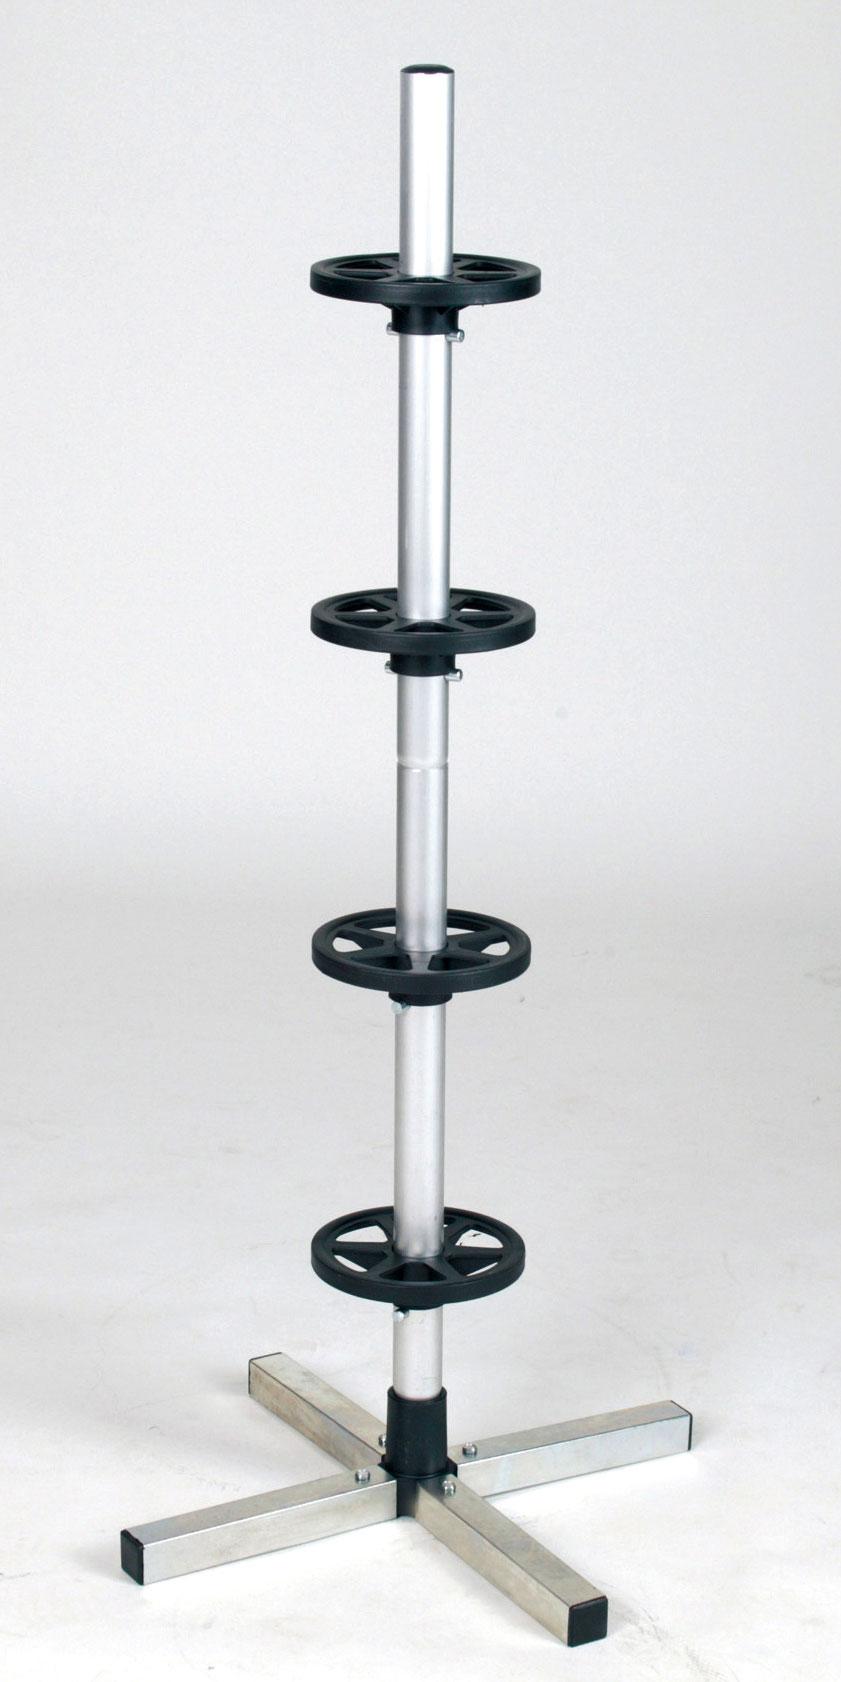 Felgenbaum / Reifenständer für 4 PKW Reifen Bild 1